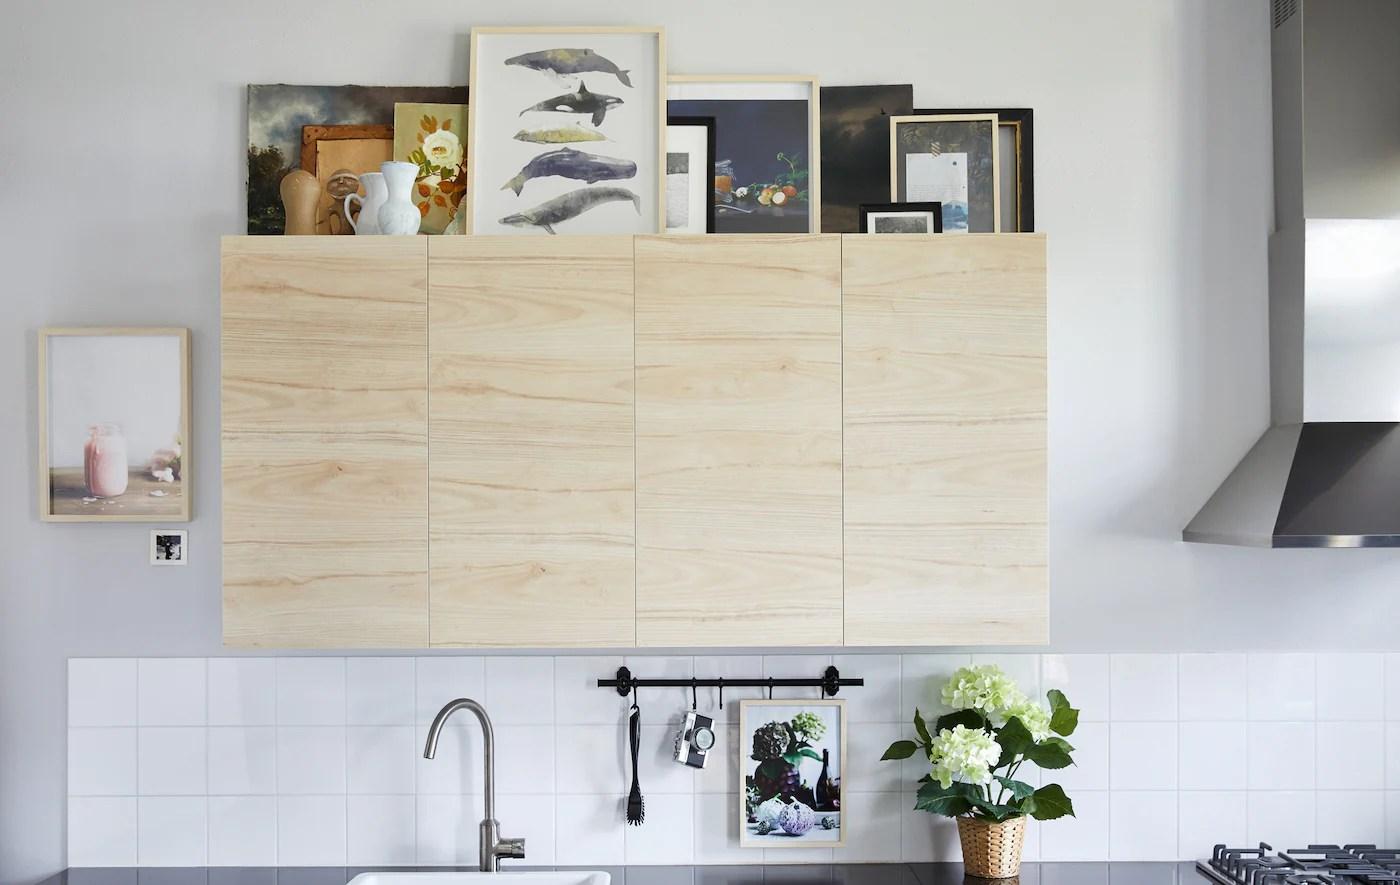 Idee Per Utilizzare Il Piano Sopra I Pensili Da Cucina Ikea